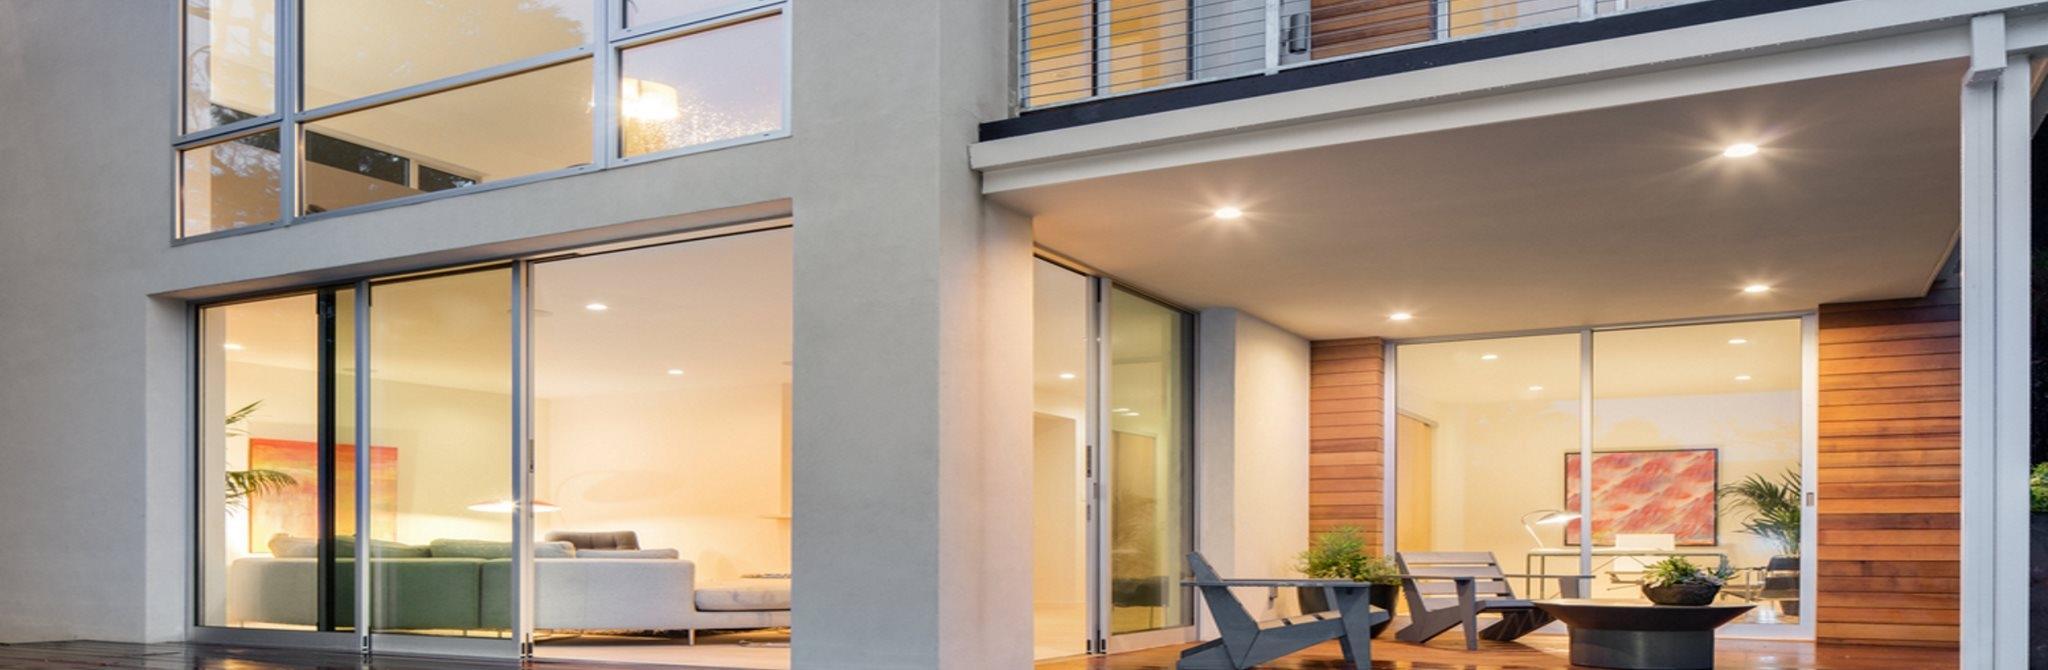 Dvr aberturas de aluminio en cordoba puertas ventanas for Aberturas en aluminio